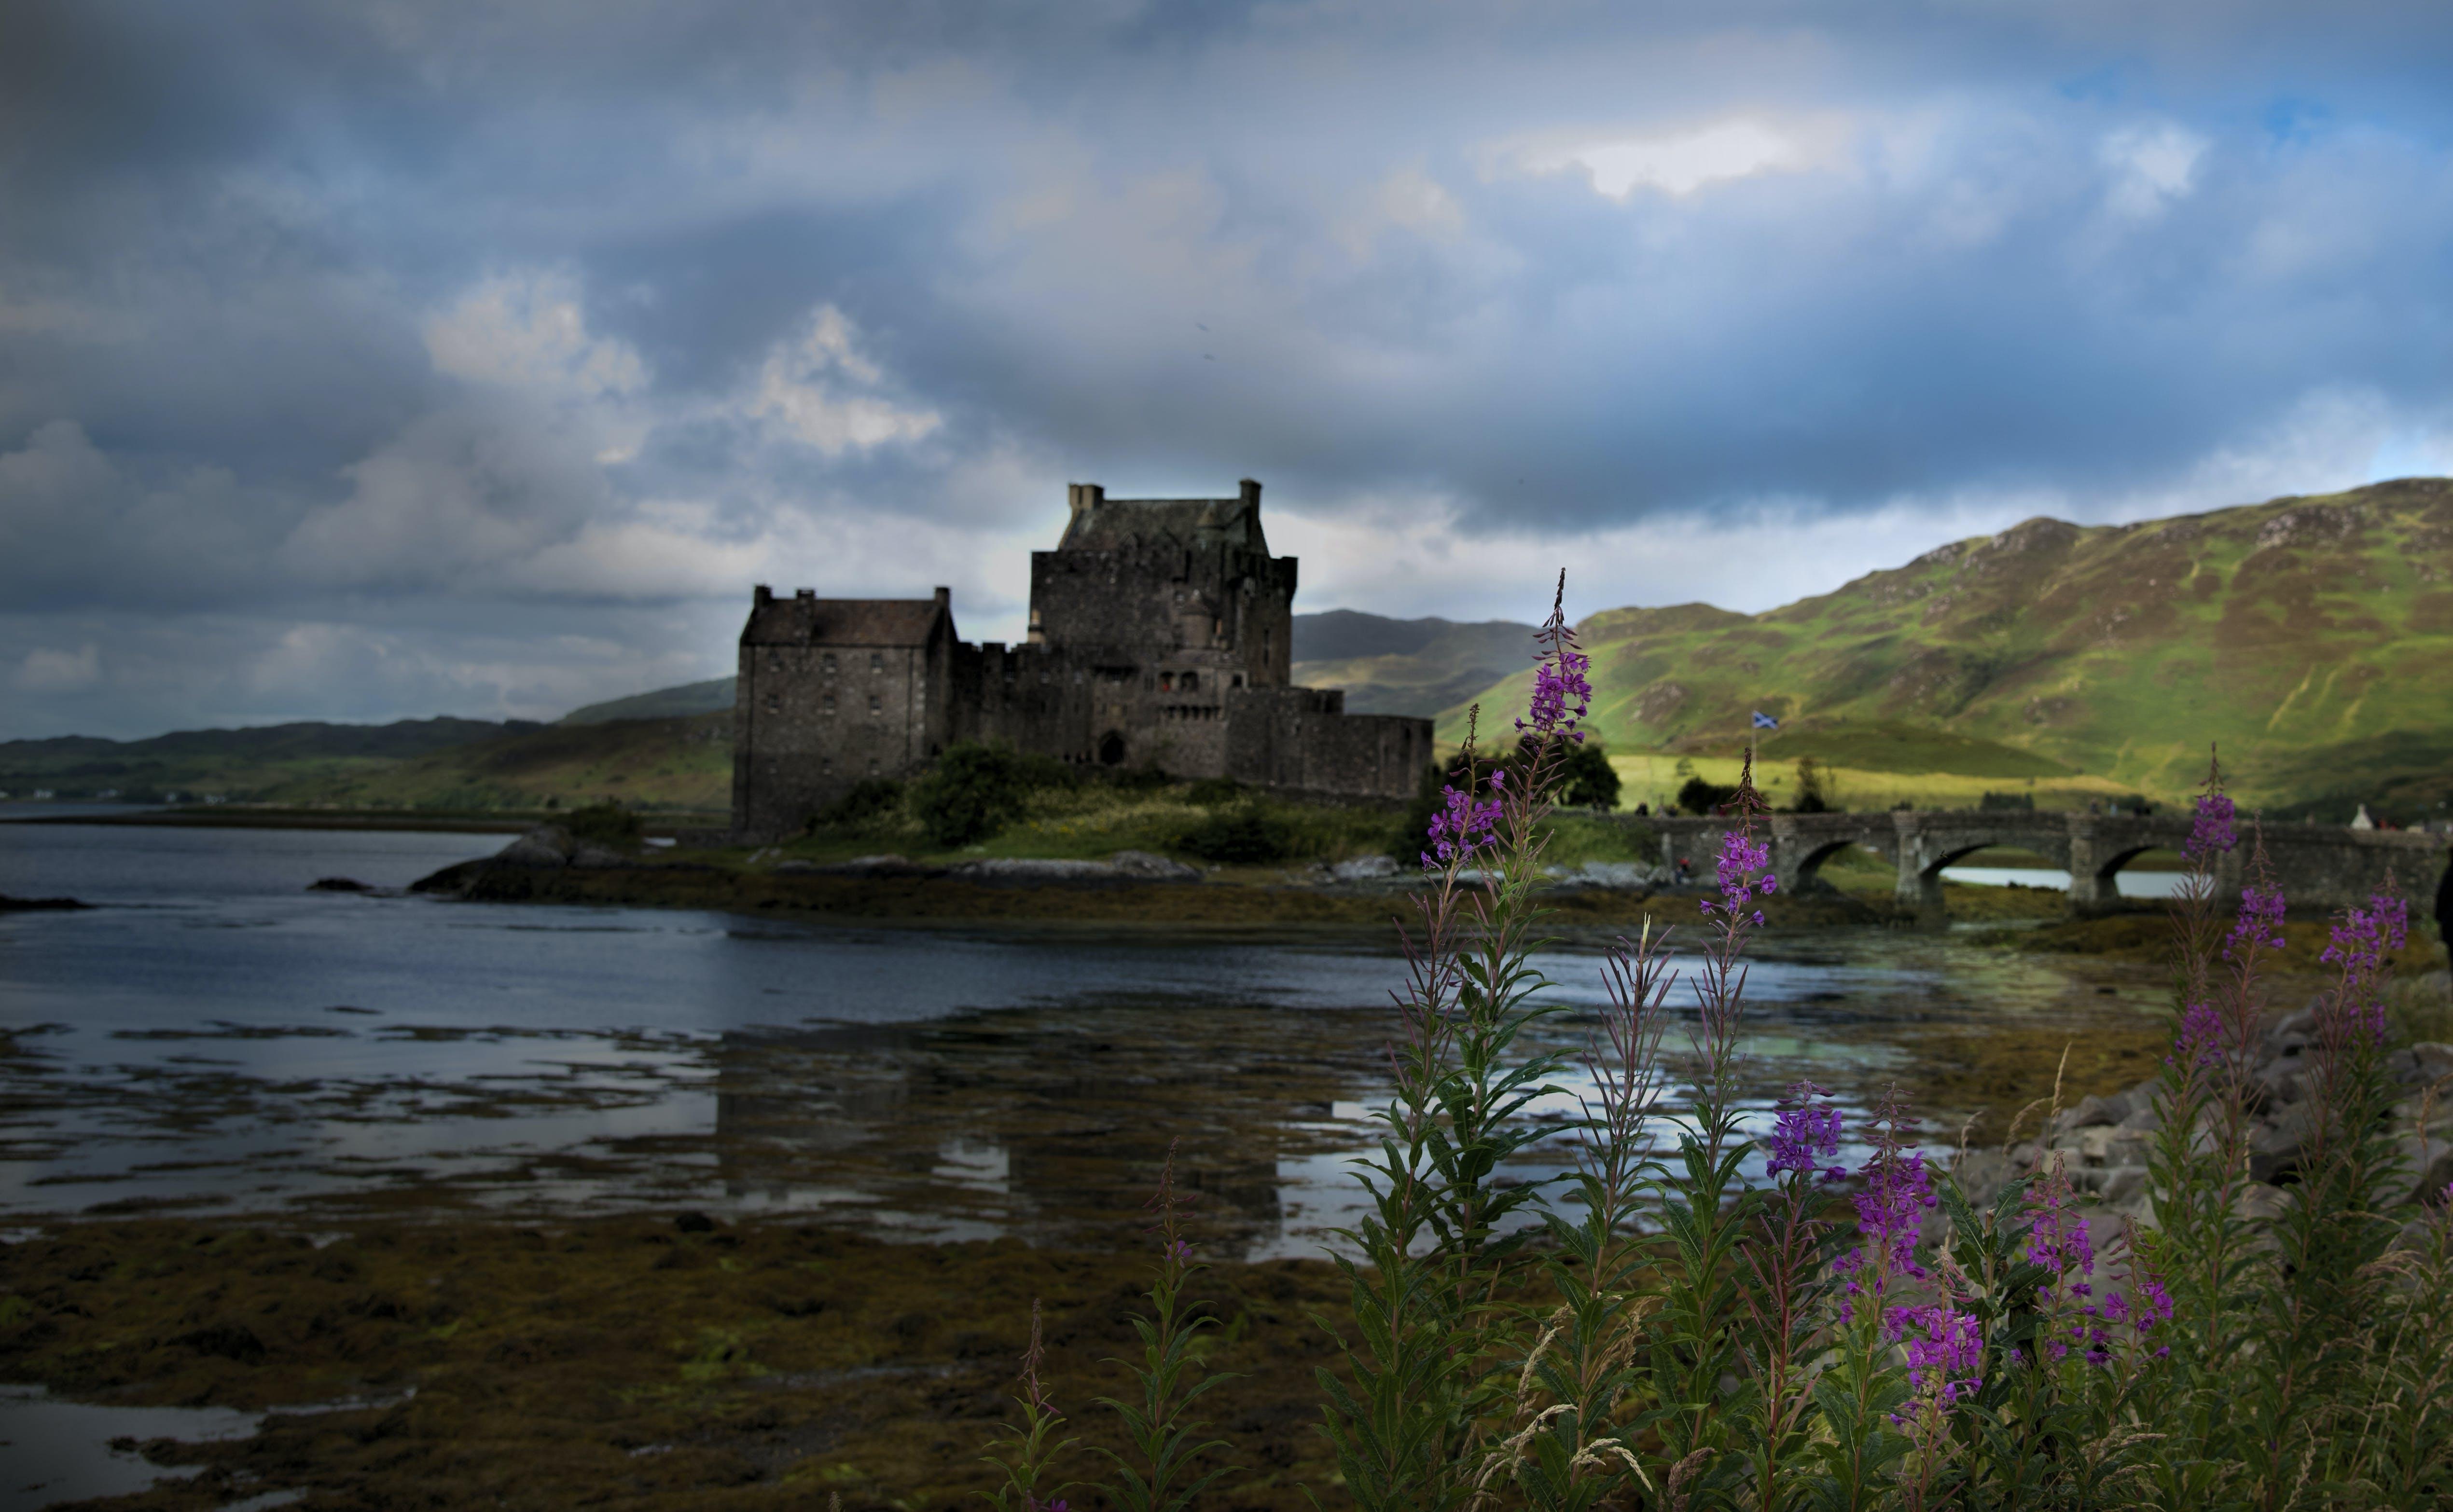 Δωρεάν στοκ φωτογραφιών με κάστρο, Σκωτία, φύση